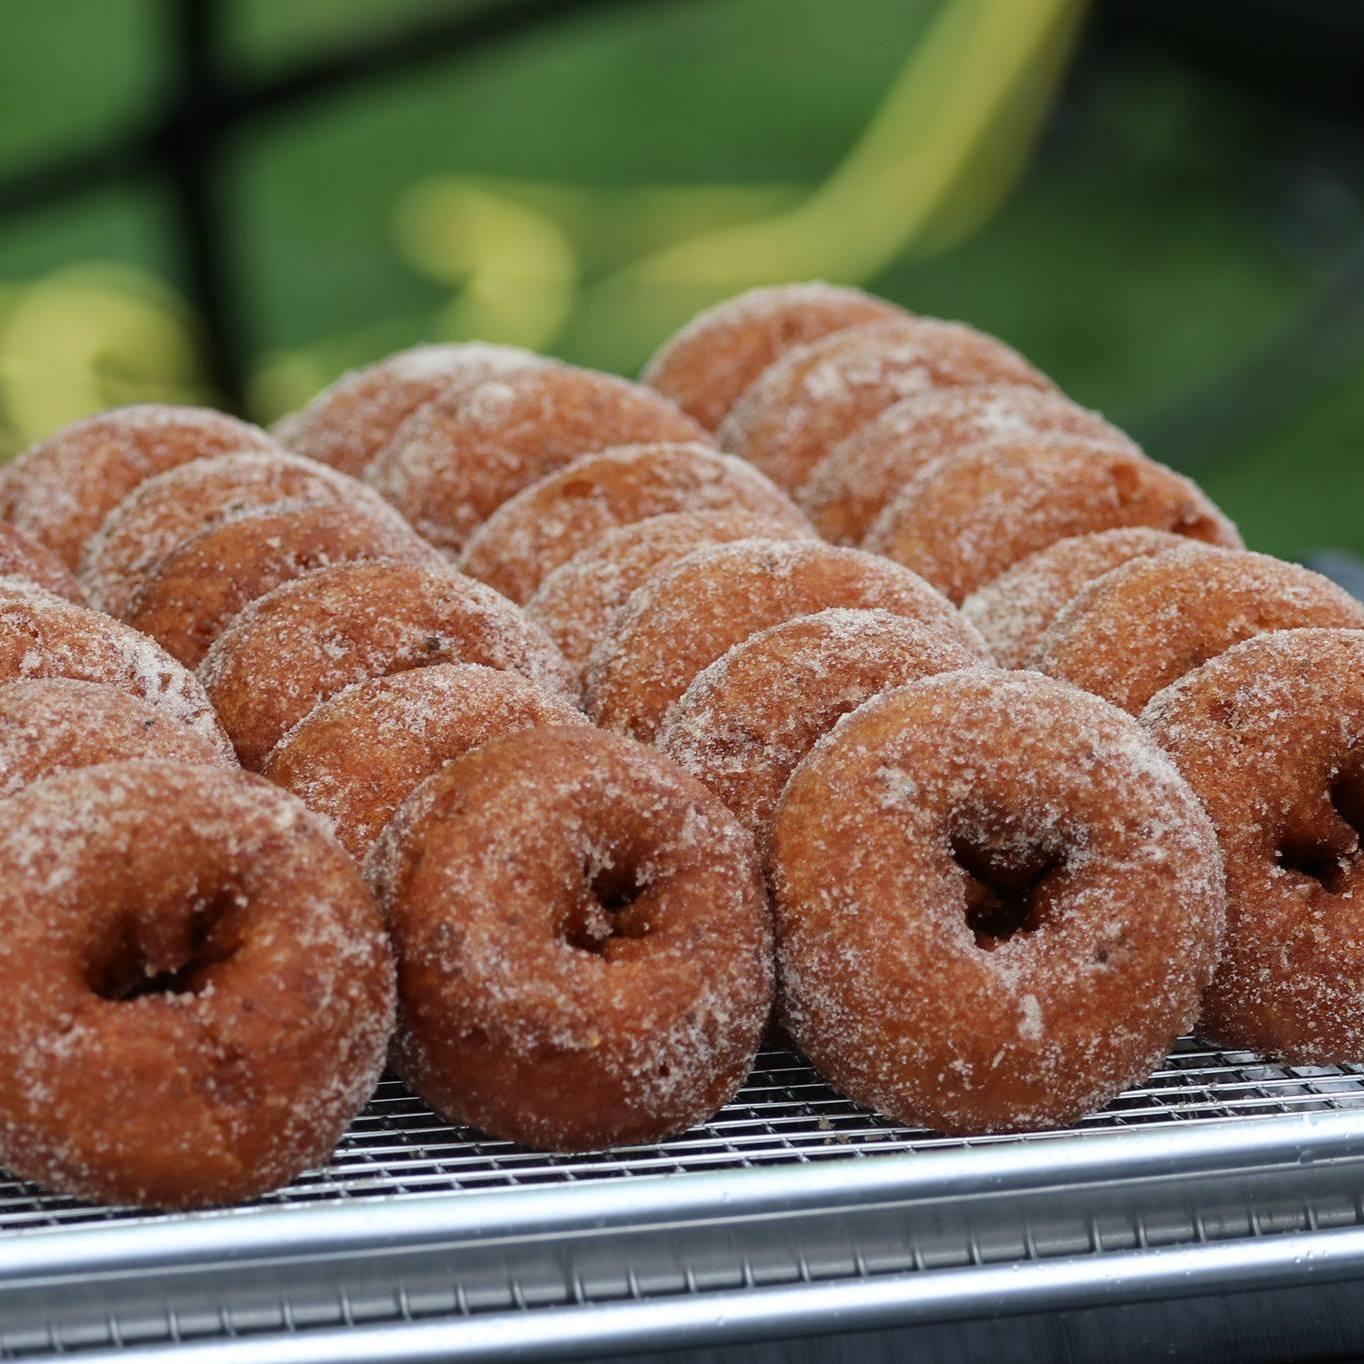 Clinton PO - promo - Dude's Donuts image